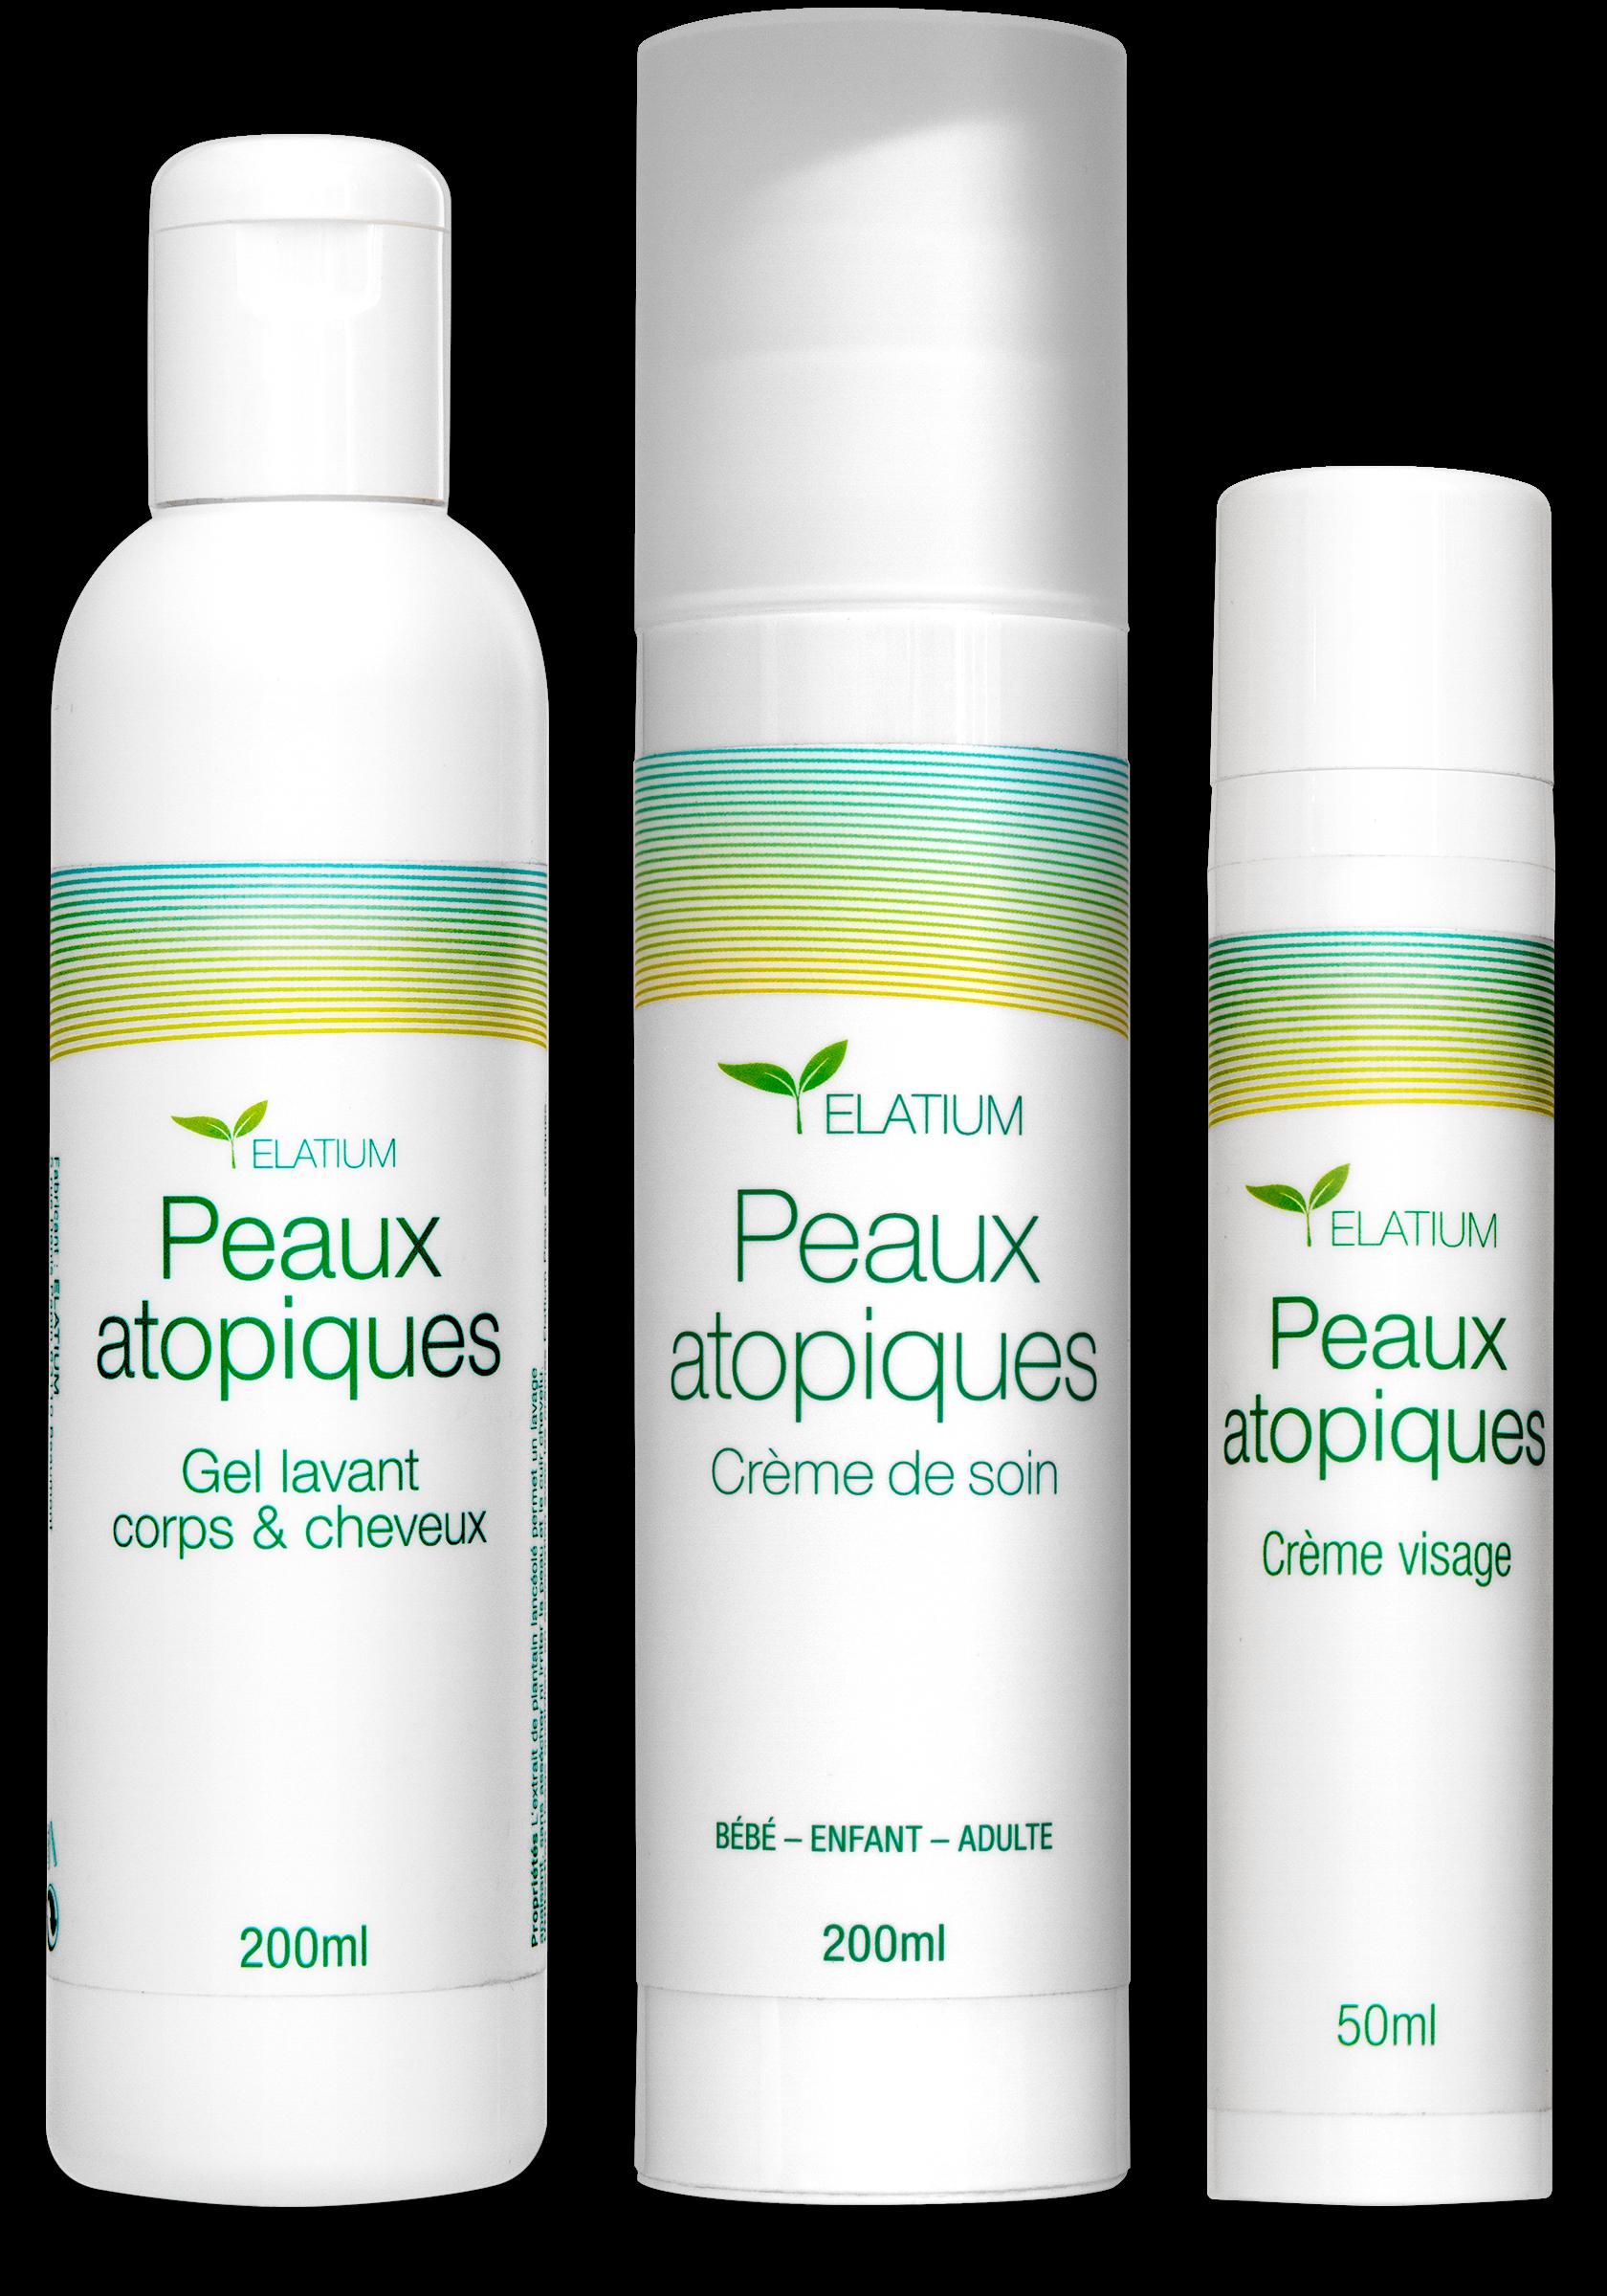 Elatium-Peaux-atopiques_3@2x